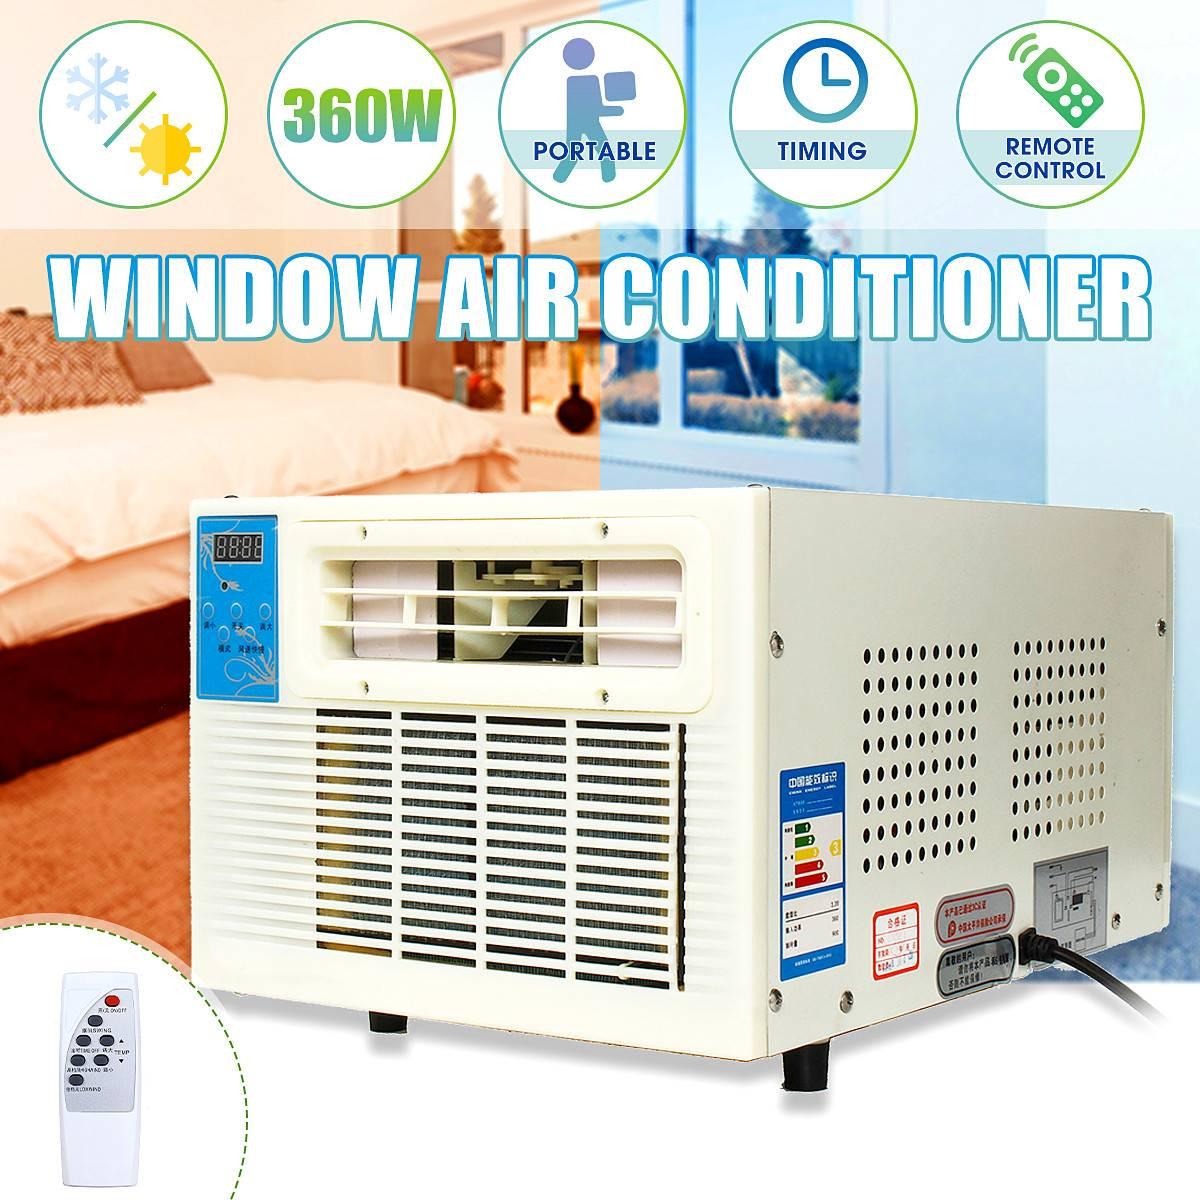 Haushaltsgeräte Radient Neue Ankunft 2019 900 W Tragbare Heizung Klimaanlage Fenster Klimaanlage Kühlung Heizung Kalt/wärme Dual Verwenden Entfeuchtung 100% Hochwertige Materialien